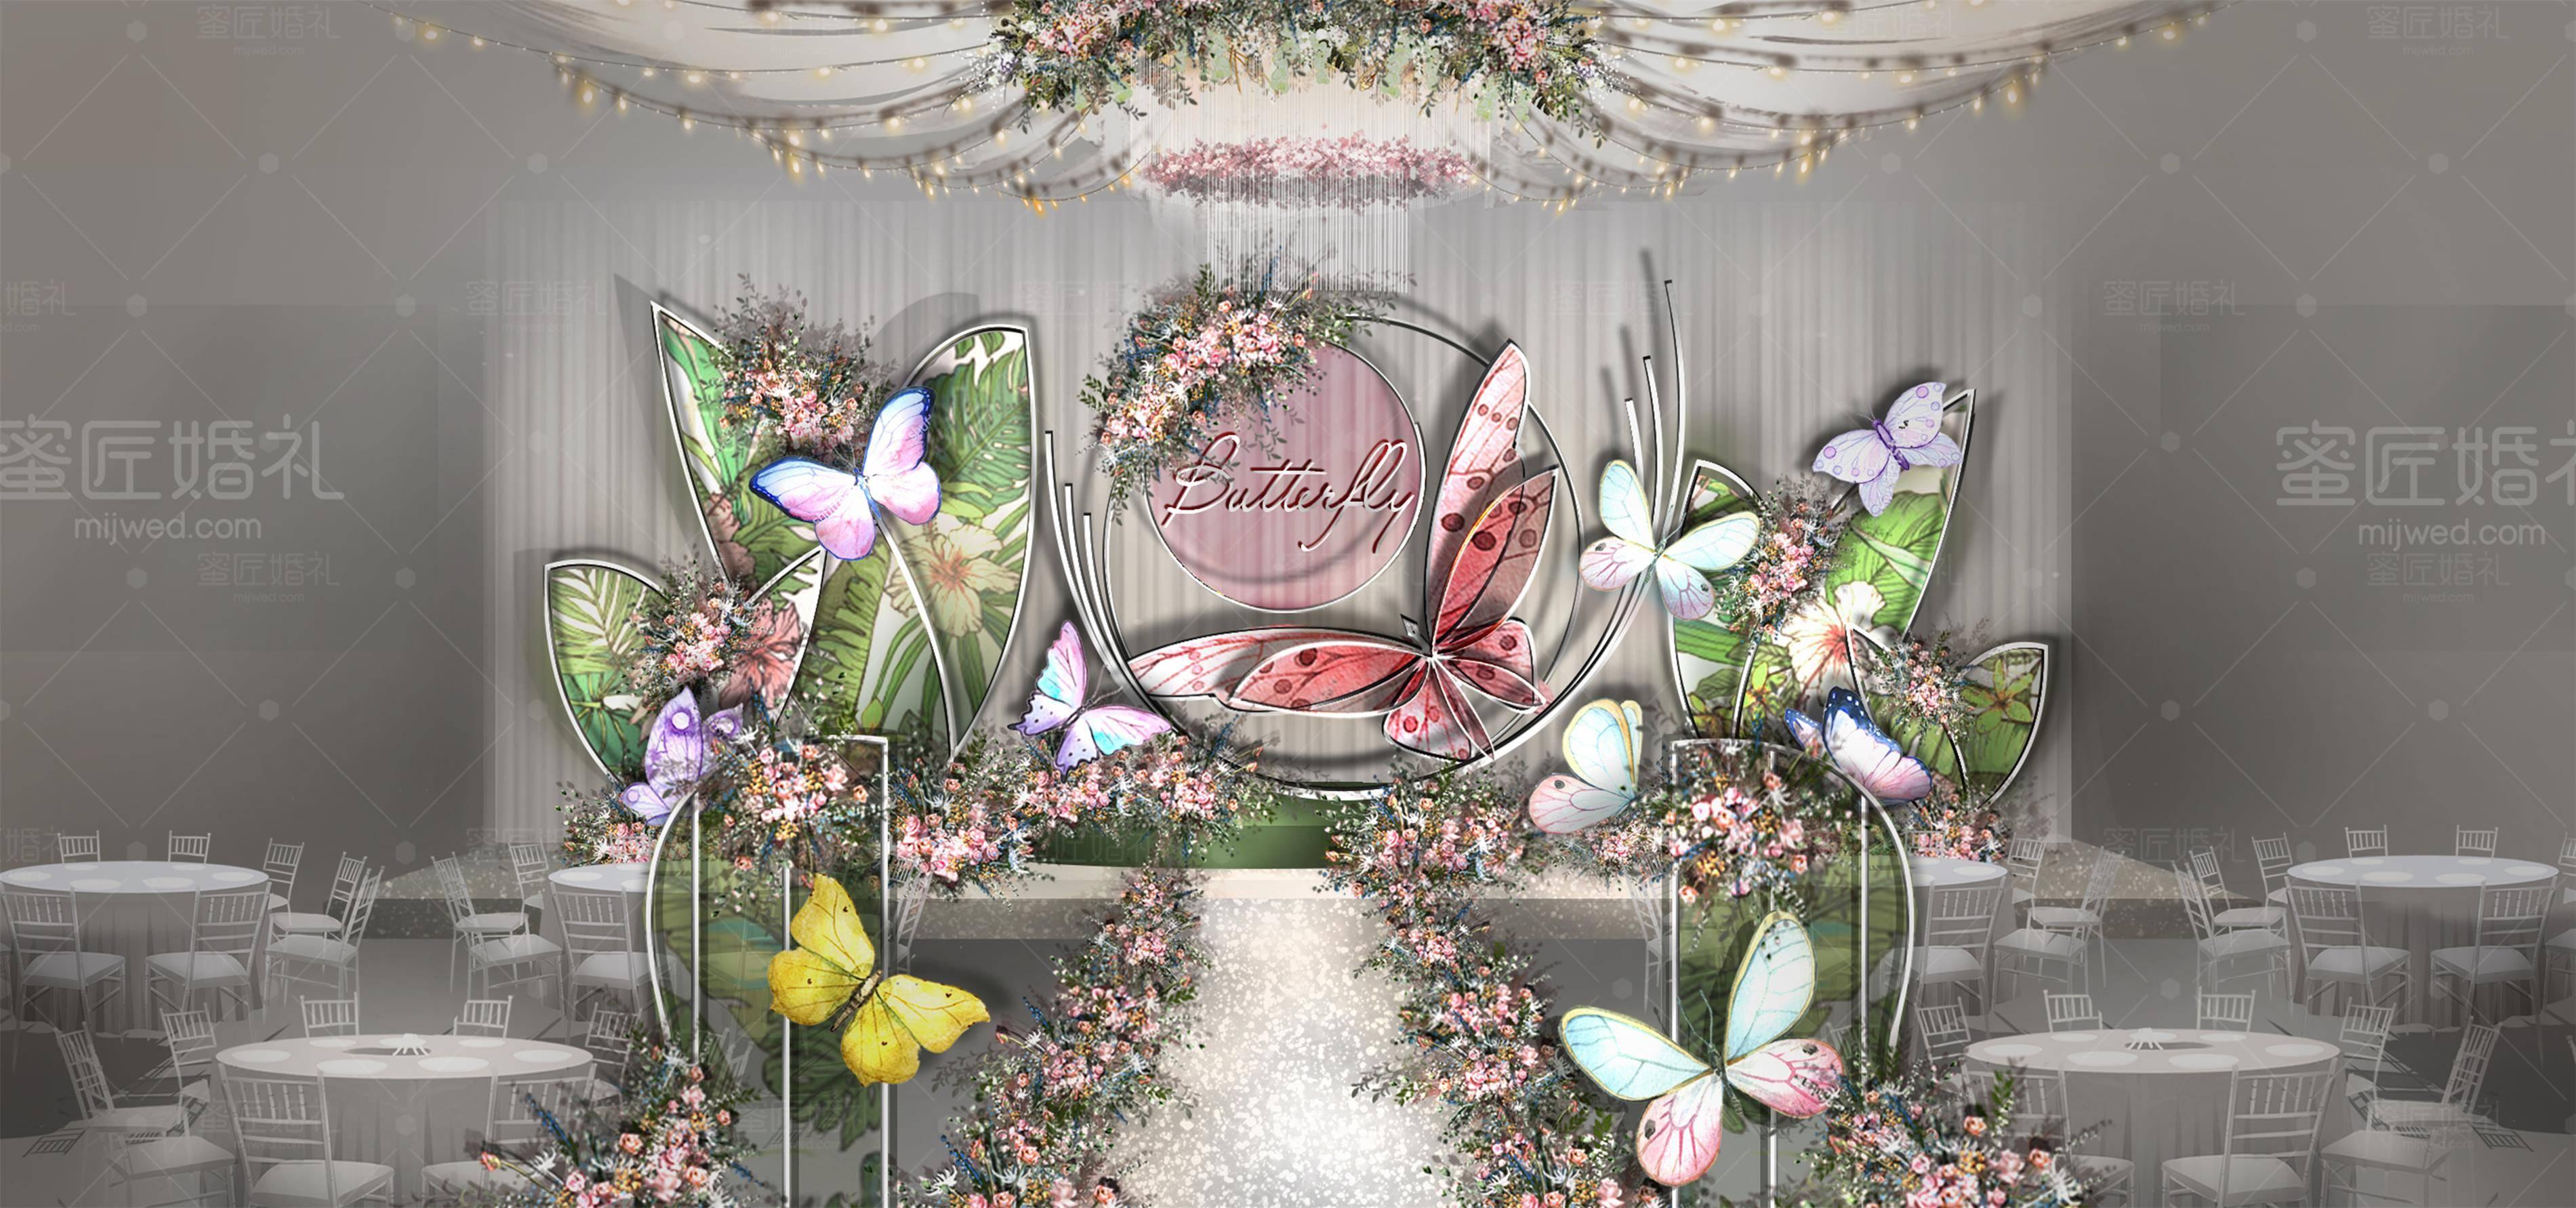 汉寿县婚礼策划方案:爱丽丝的花园1